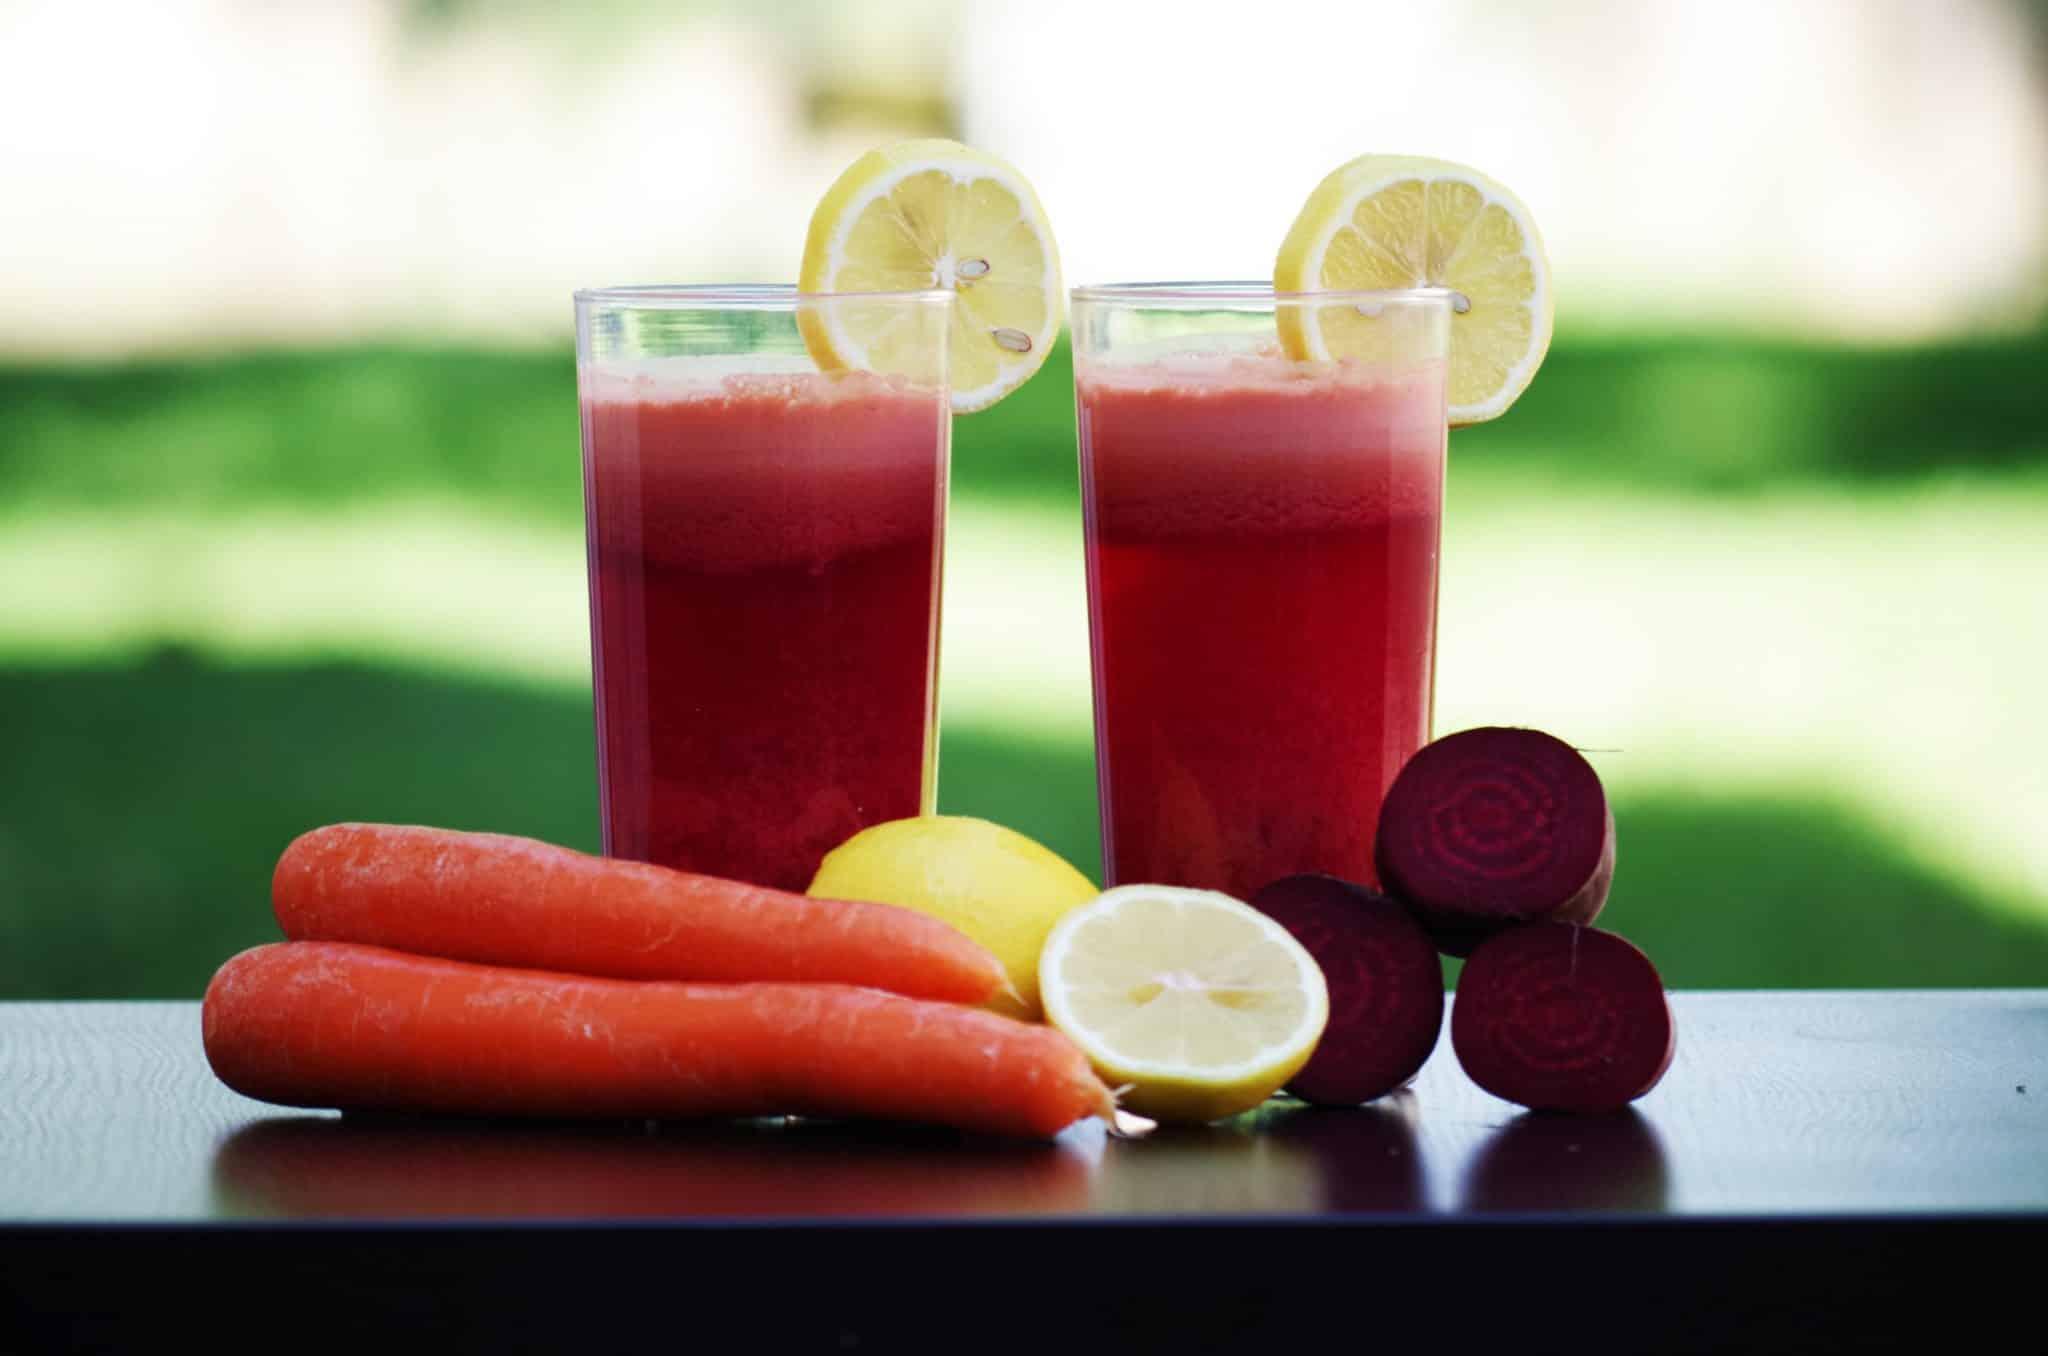 jus de légumes, carottes, citrons, bettraves